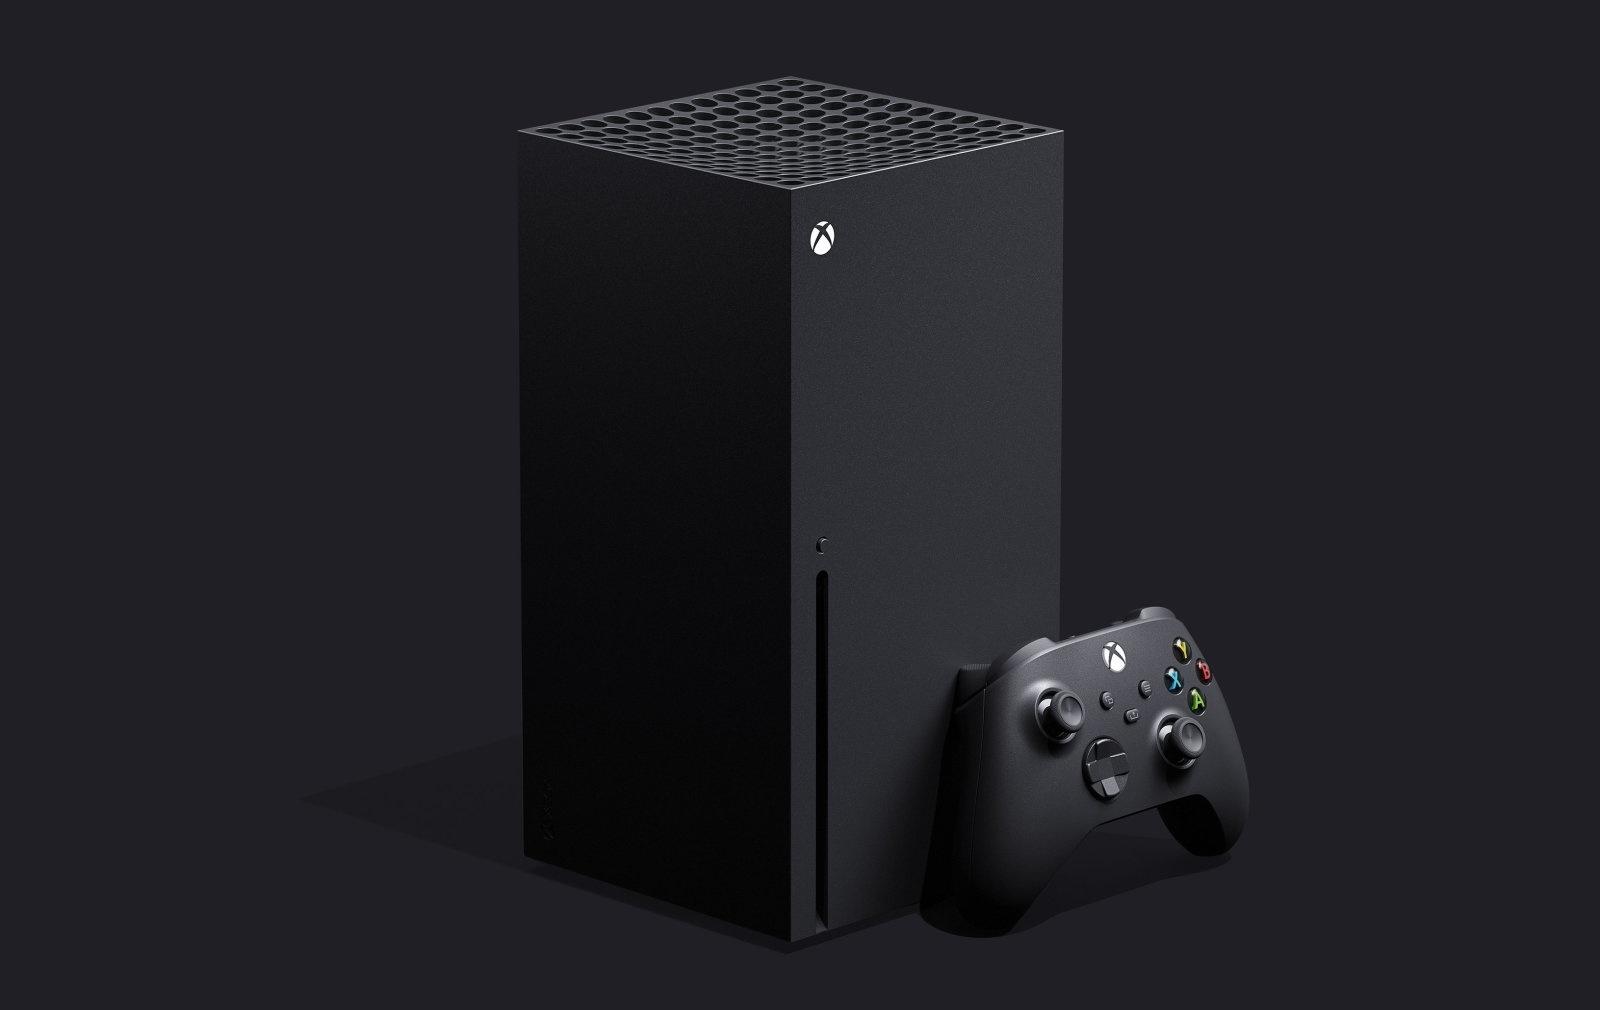 СМИ опубликовали подробные характеристики консоли Xbox Series X